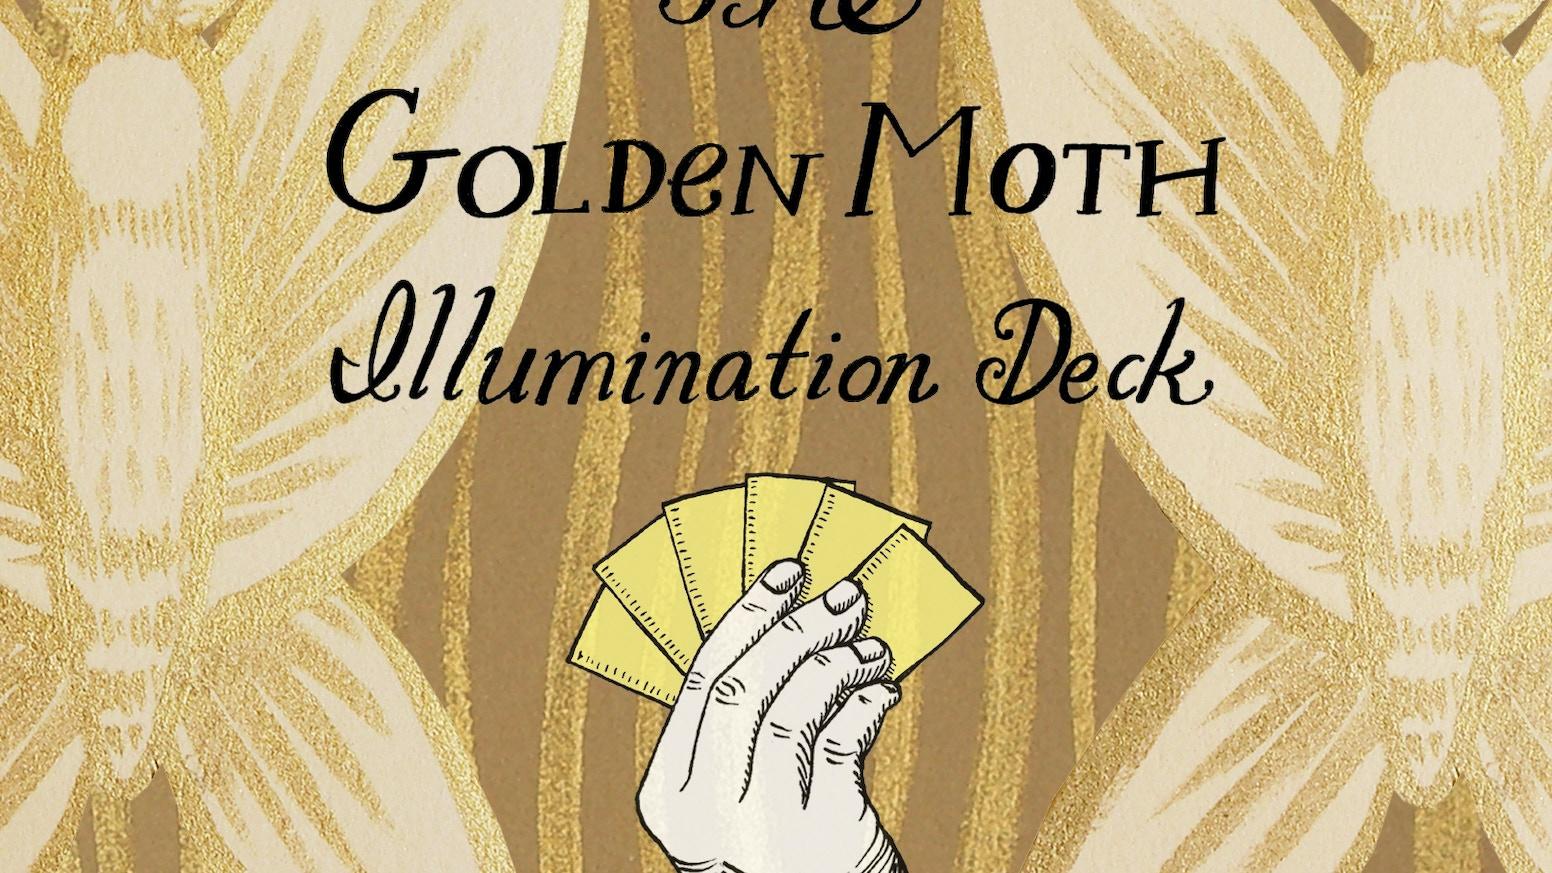 The Golden Moth Illumination Deck By Aijung Kim Kickstarter